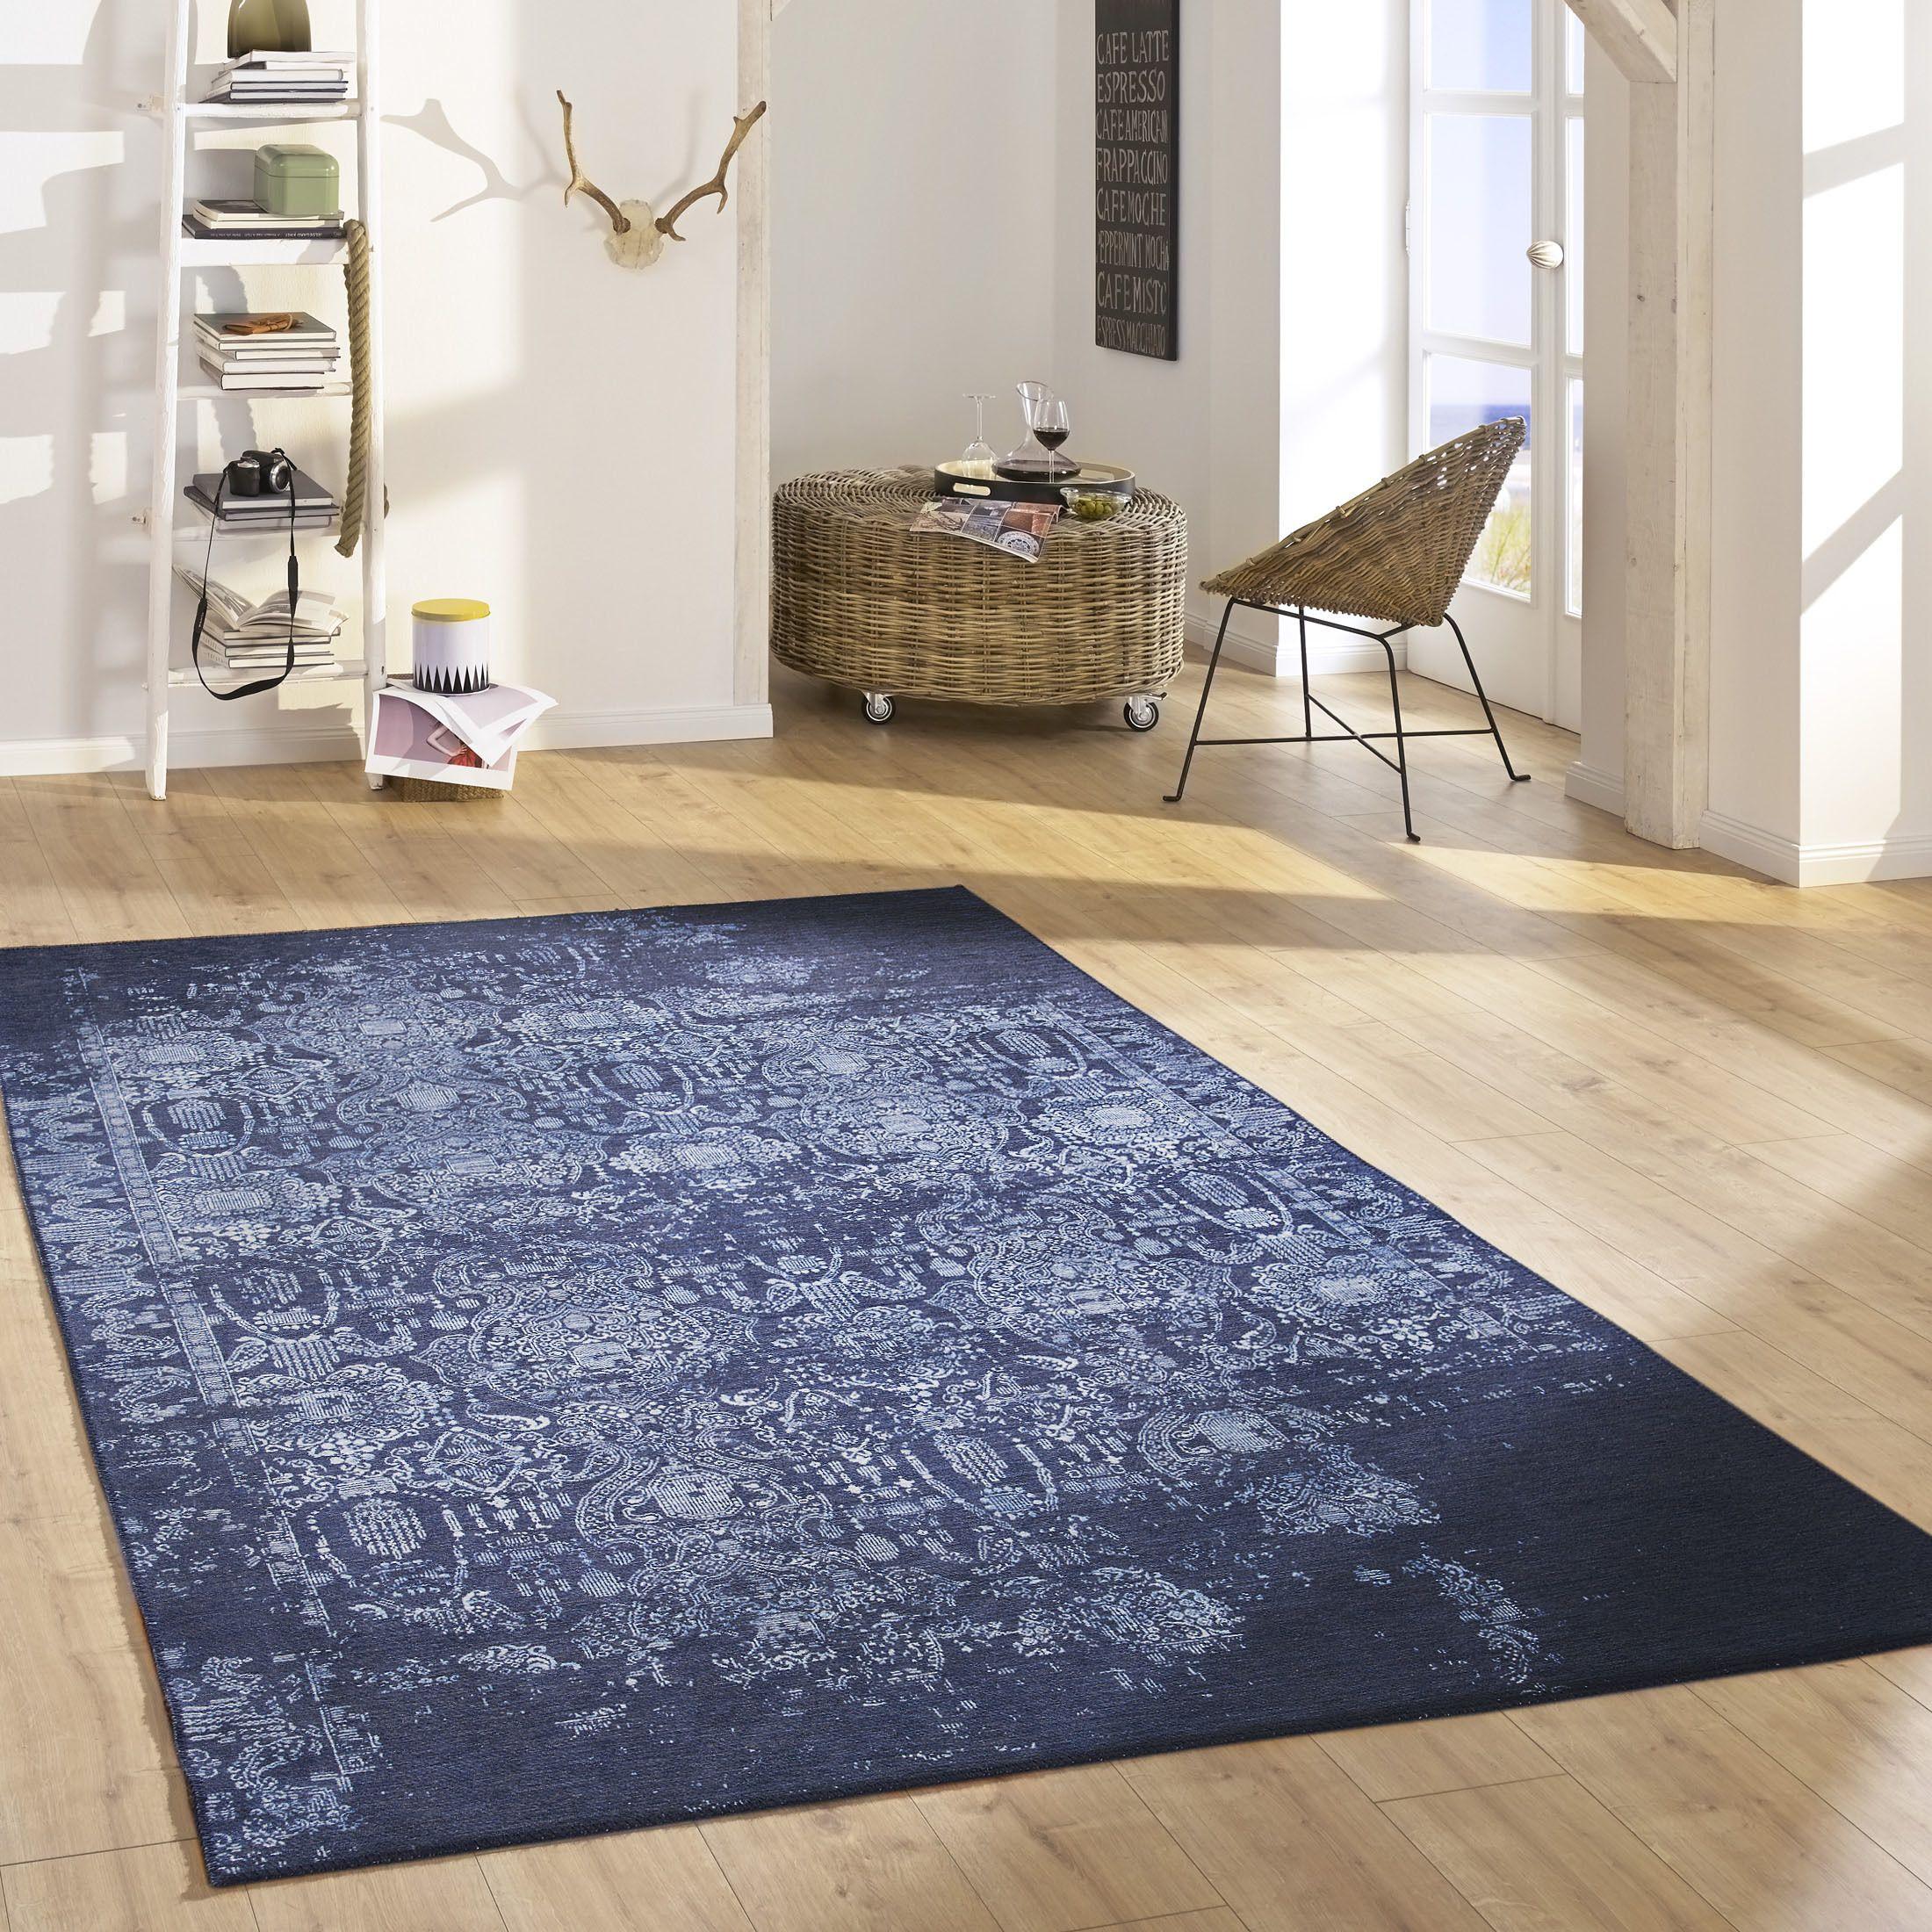 Escape Vintage Teppich Von Kibek In Blau 80 X 150 Cm Aus Baumwolle Traditioneller Look Neu Interpretiert Vintage Teppiche Teppich Moderne Teppiche